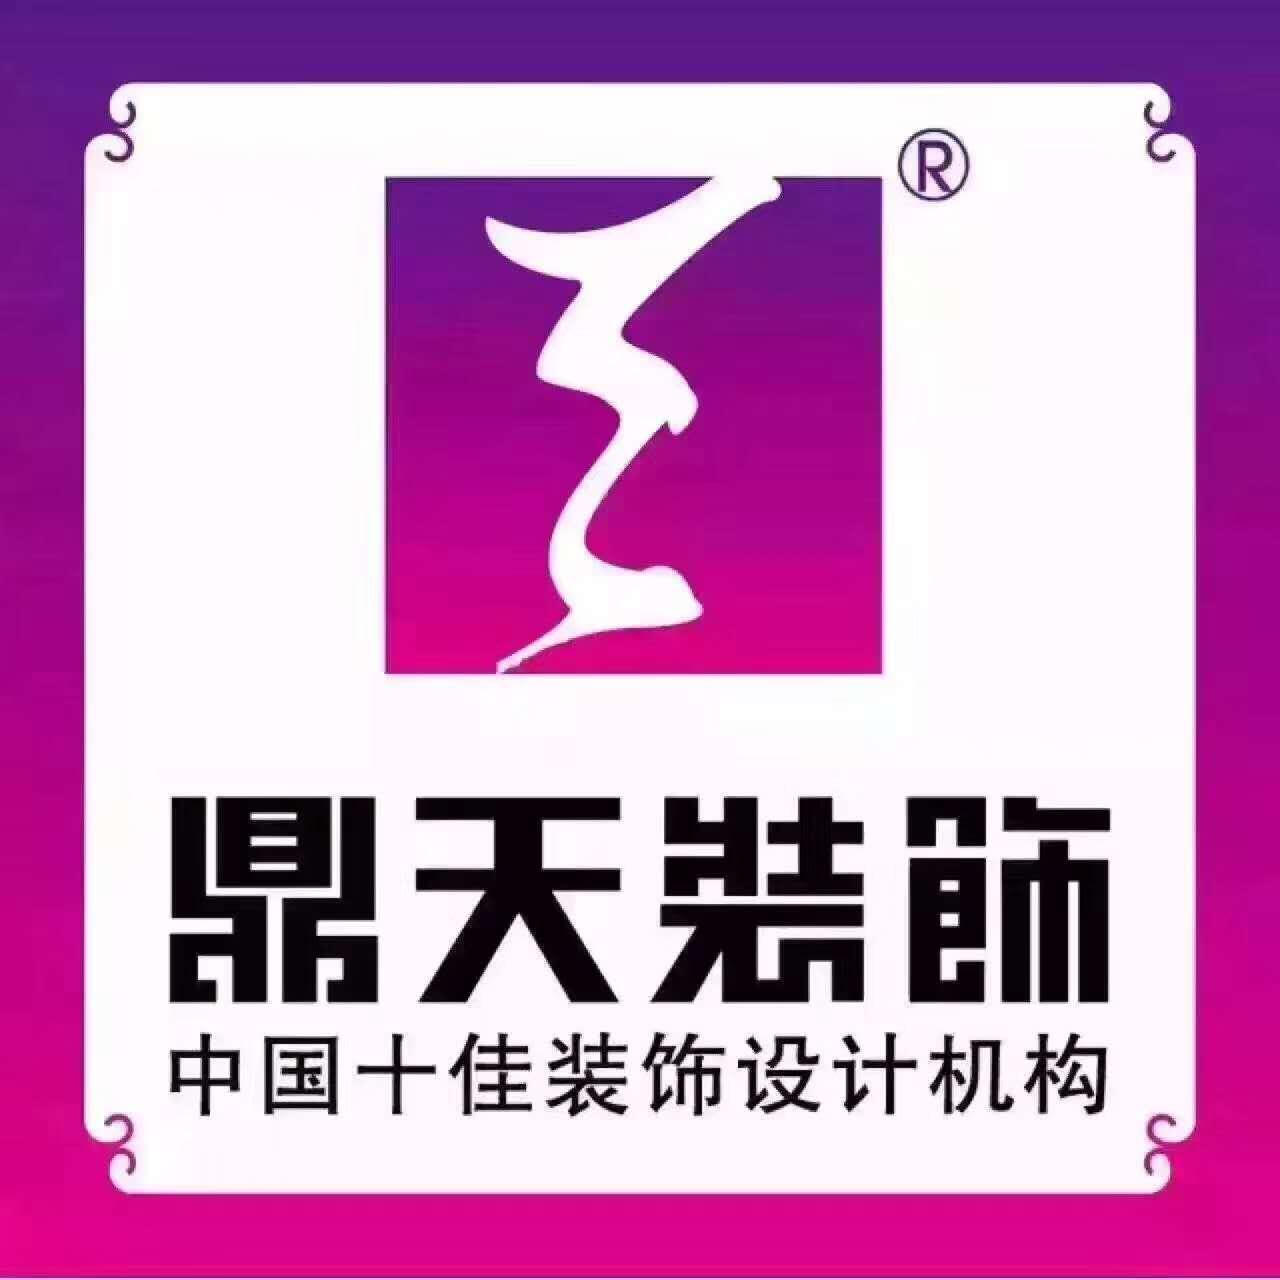 浙江鼎天装饰设计工程有限公司